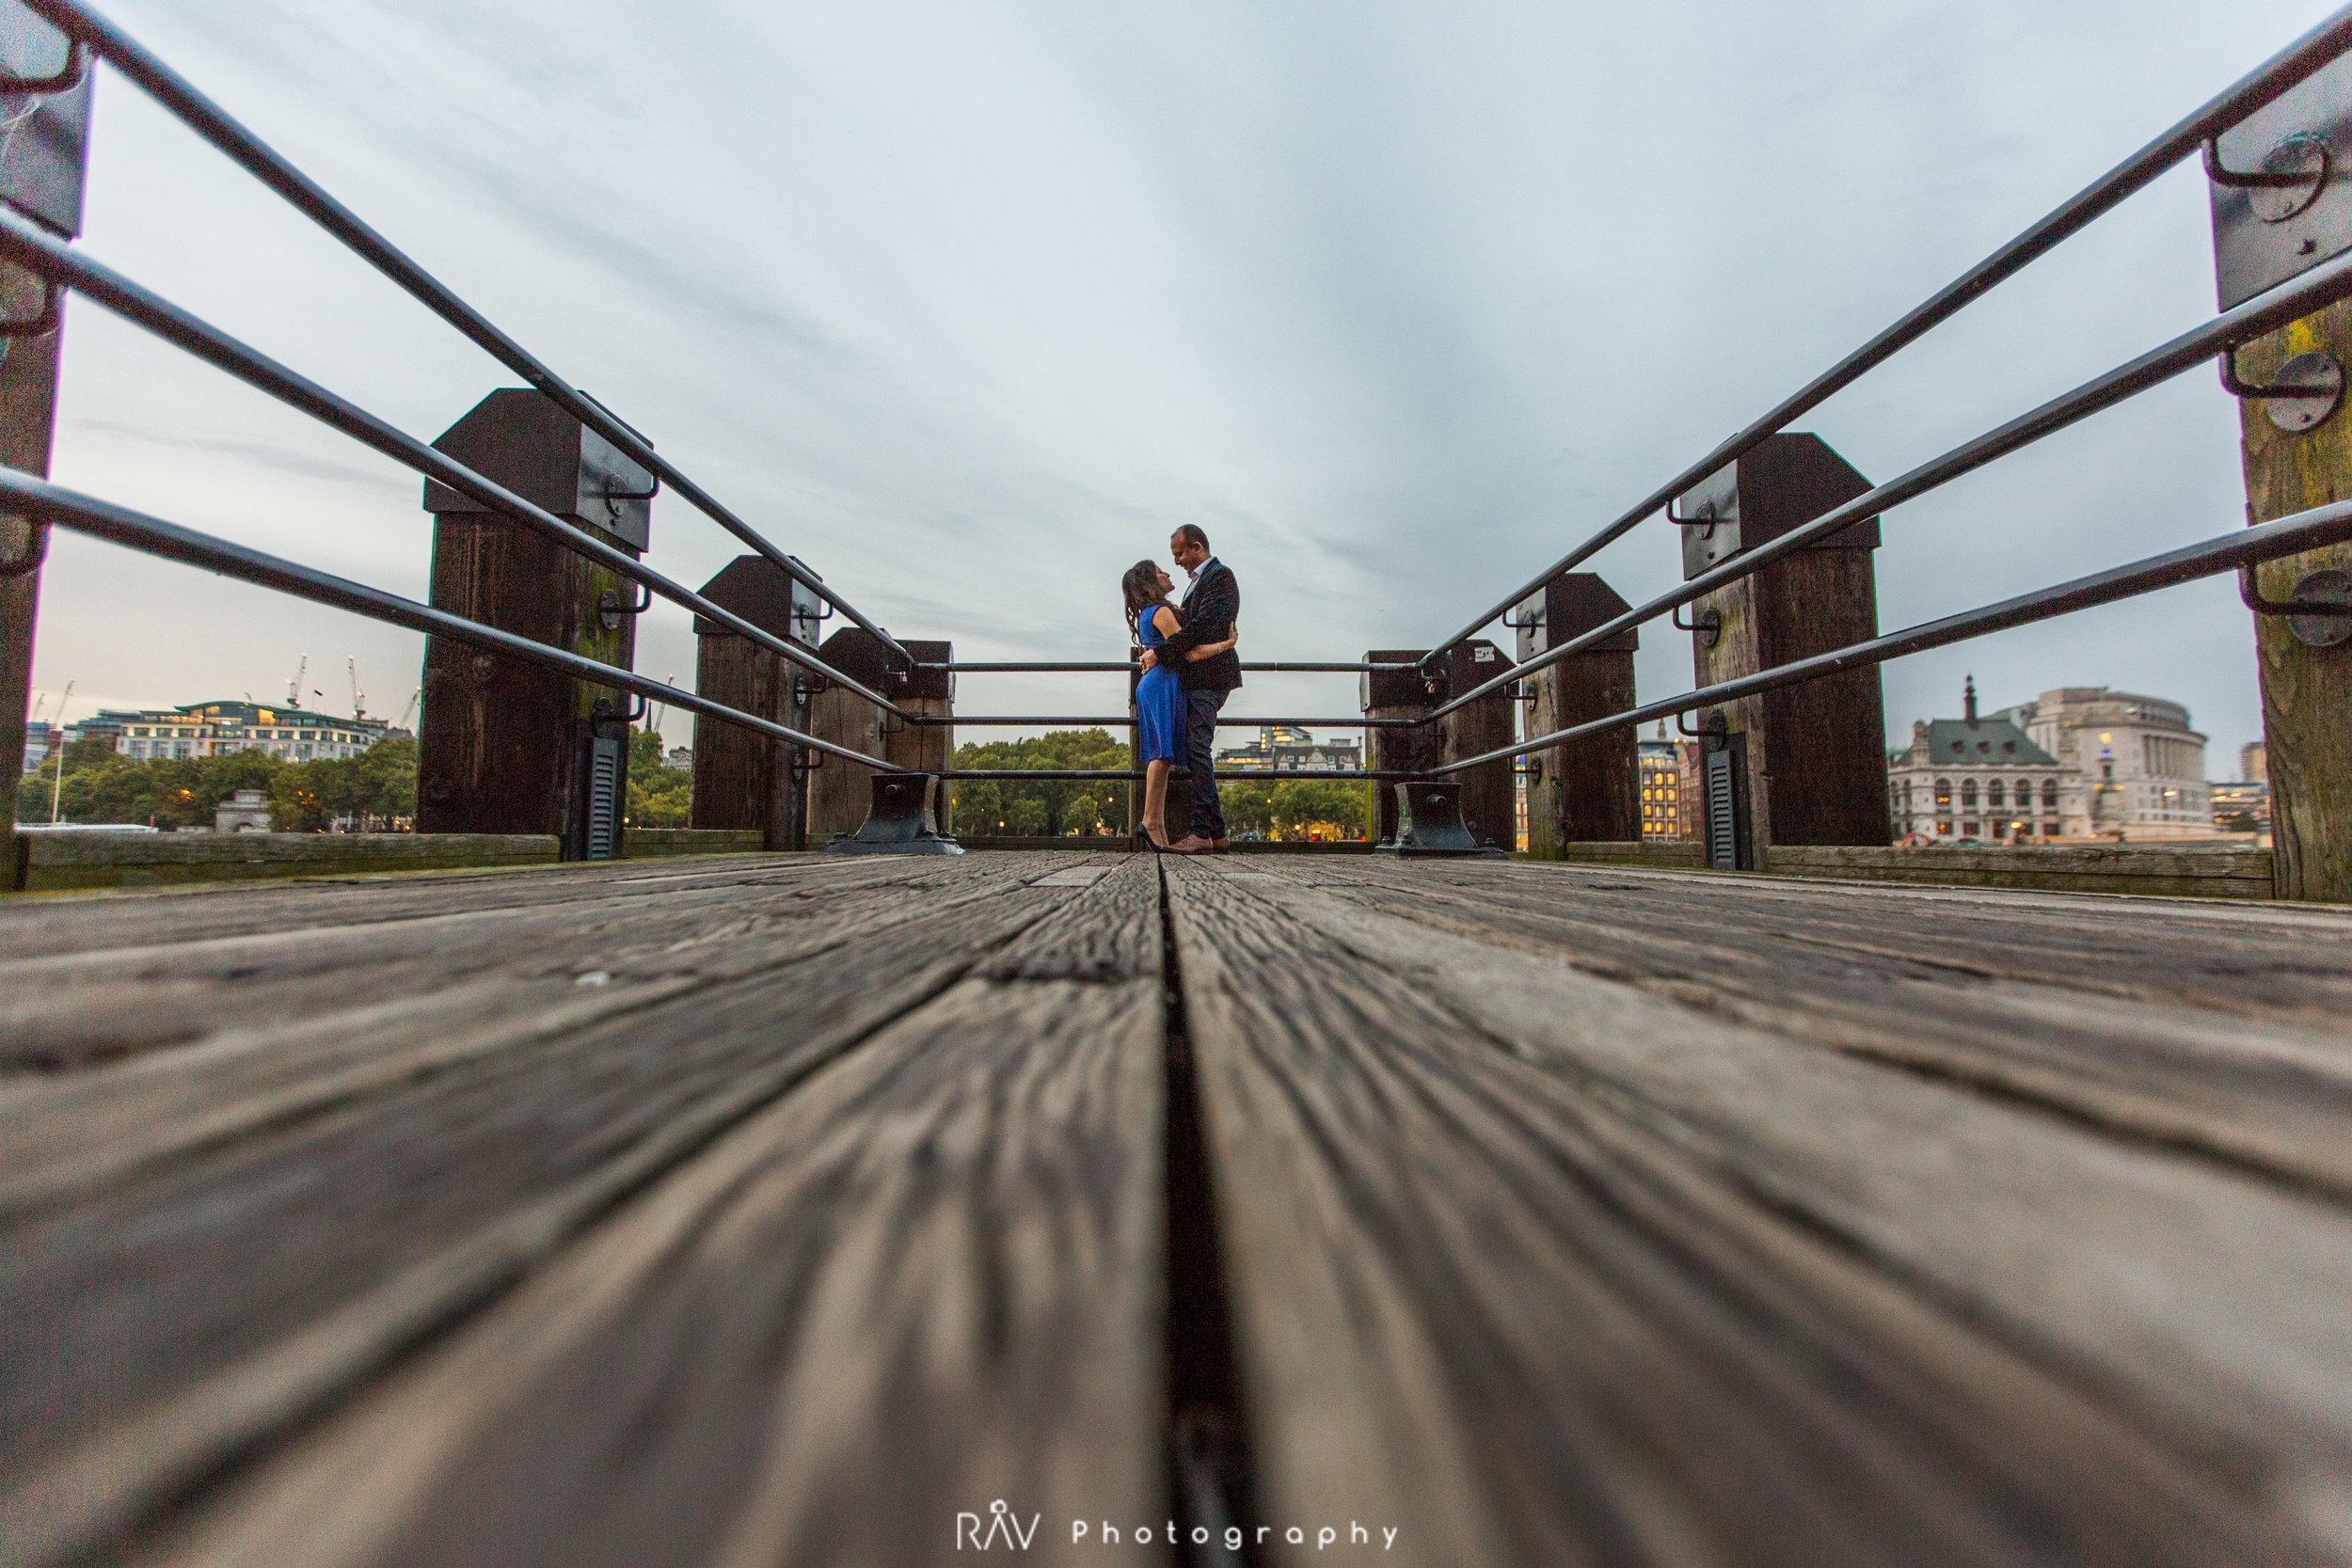 170929_RAV-Photography_RajRoshni_4480.jpg